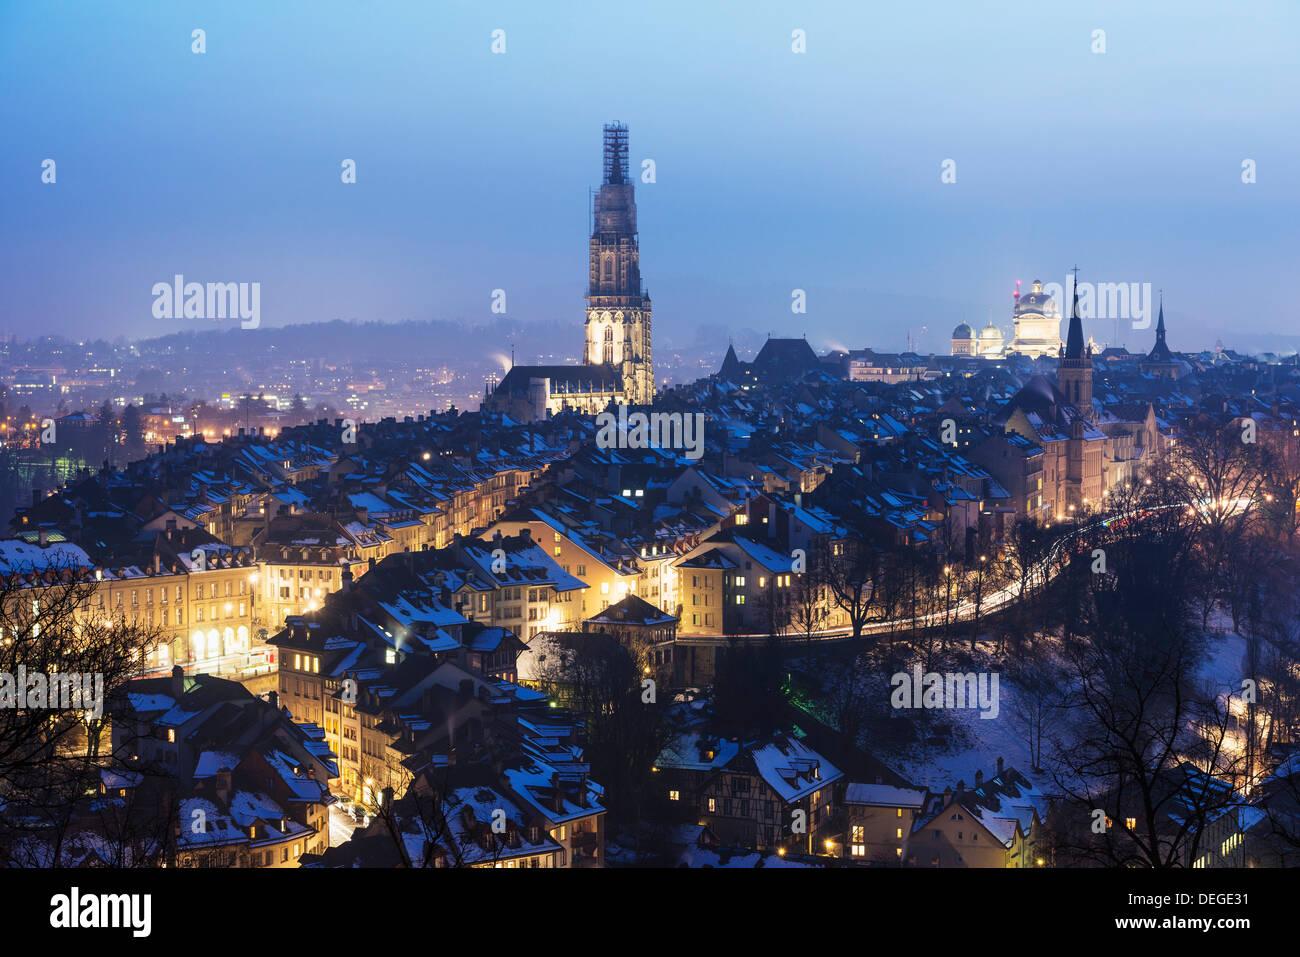 City view, Bern, Switzerland, Europe - Stock Image